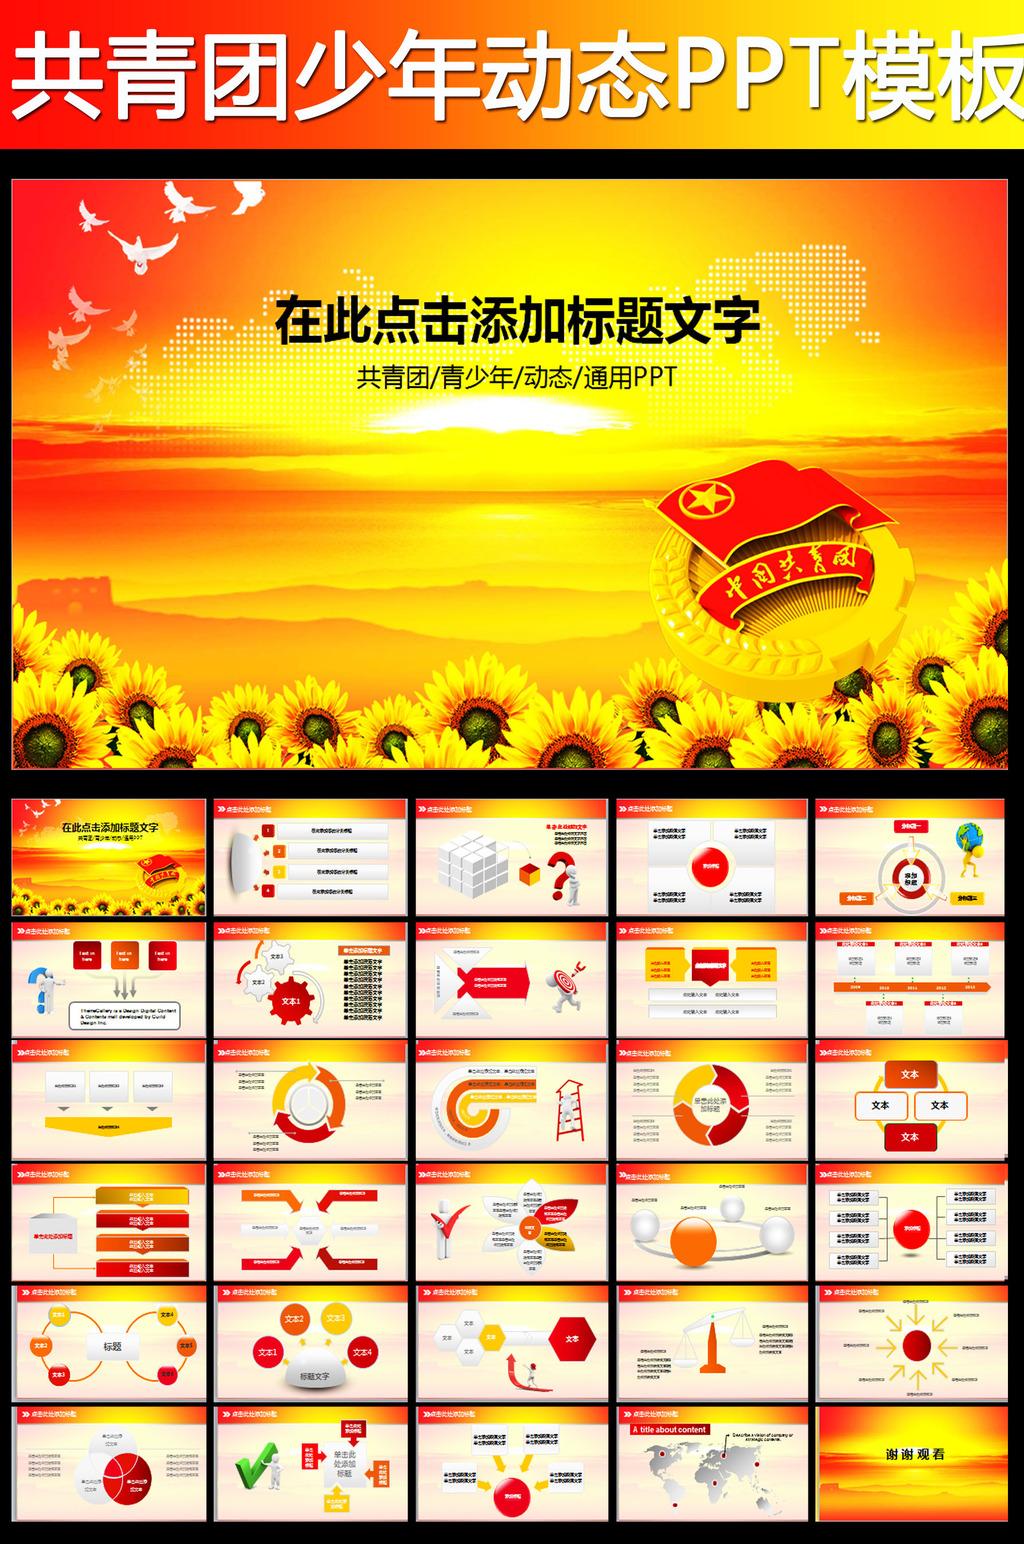 共青团团委团徽工作汇报ppt背景模板图片